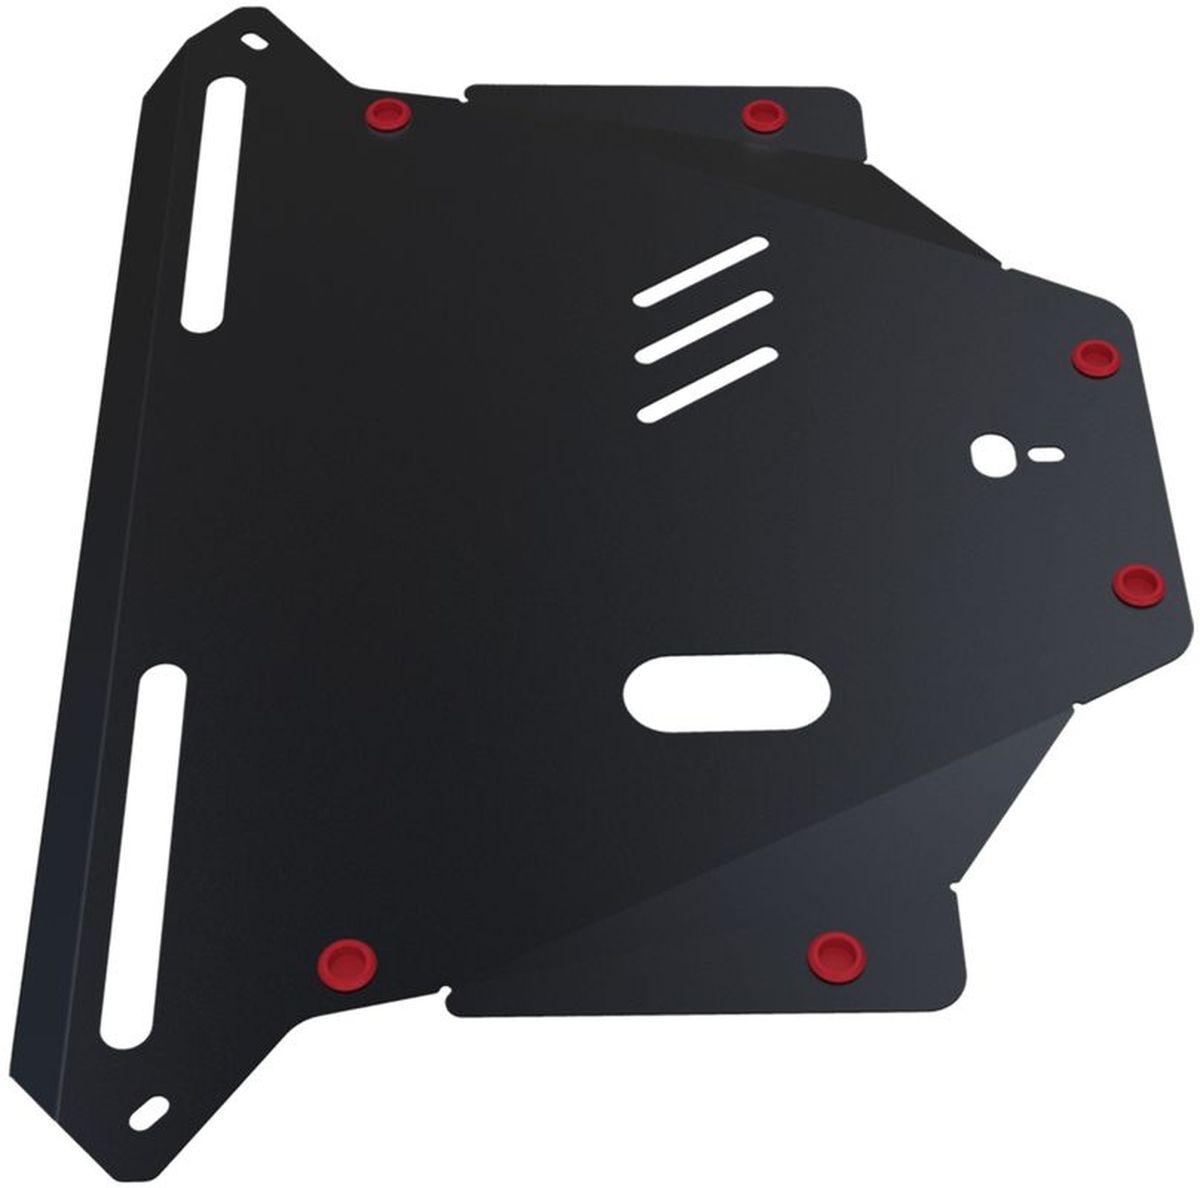 Защита картера и КПП Автоброня Honda CR-V 2002-2006, сталь 2 мм111.02110.1Защита картера и КПП Автоброня Honda CR-V II 2002-2006, сталь 2 мм, комплект крепежа, 111.02110.1Стальные защиты Автоброня надежно защищают ваш автомобиль от повреждений при наезде на бордюры, выступающие канализационные люки, кромки поврежденного асфальта или при ремонте дорог, не говоря уже о загородных дорогах.- Имеют оптимальное соотношение цена-качество.- Спроектированы с учетом особенностей автомобиля, что делает установку удобной.- Защита устанавливается в штатные места кузова автомобиля.- Является надежной защитой для важных элементов на протяжении долгих лет.- Глубокий штамп дополнительно усиливает конструкцию защиты.- Подштамповка в местах крепления защищает крепеж от срезания.- Технологические отверстия там, где они необходимы для смены масла и слива воды, оборудованные заглушками, закрепленными на защите.Толщина стали 2 мм.В комплекте крепеж и инструкция по установке.